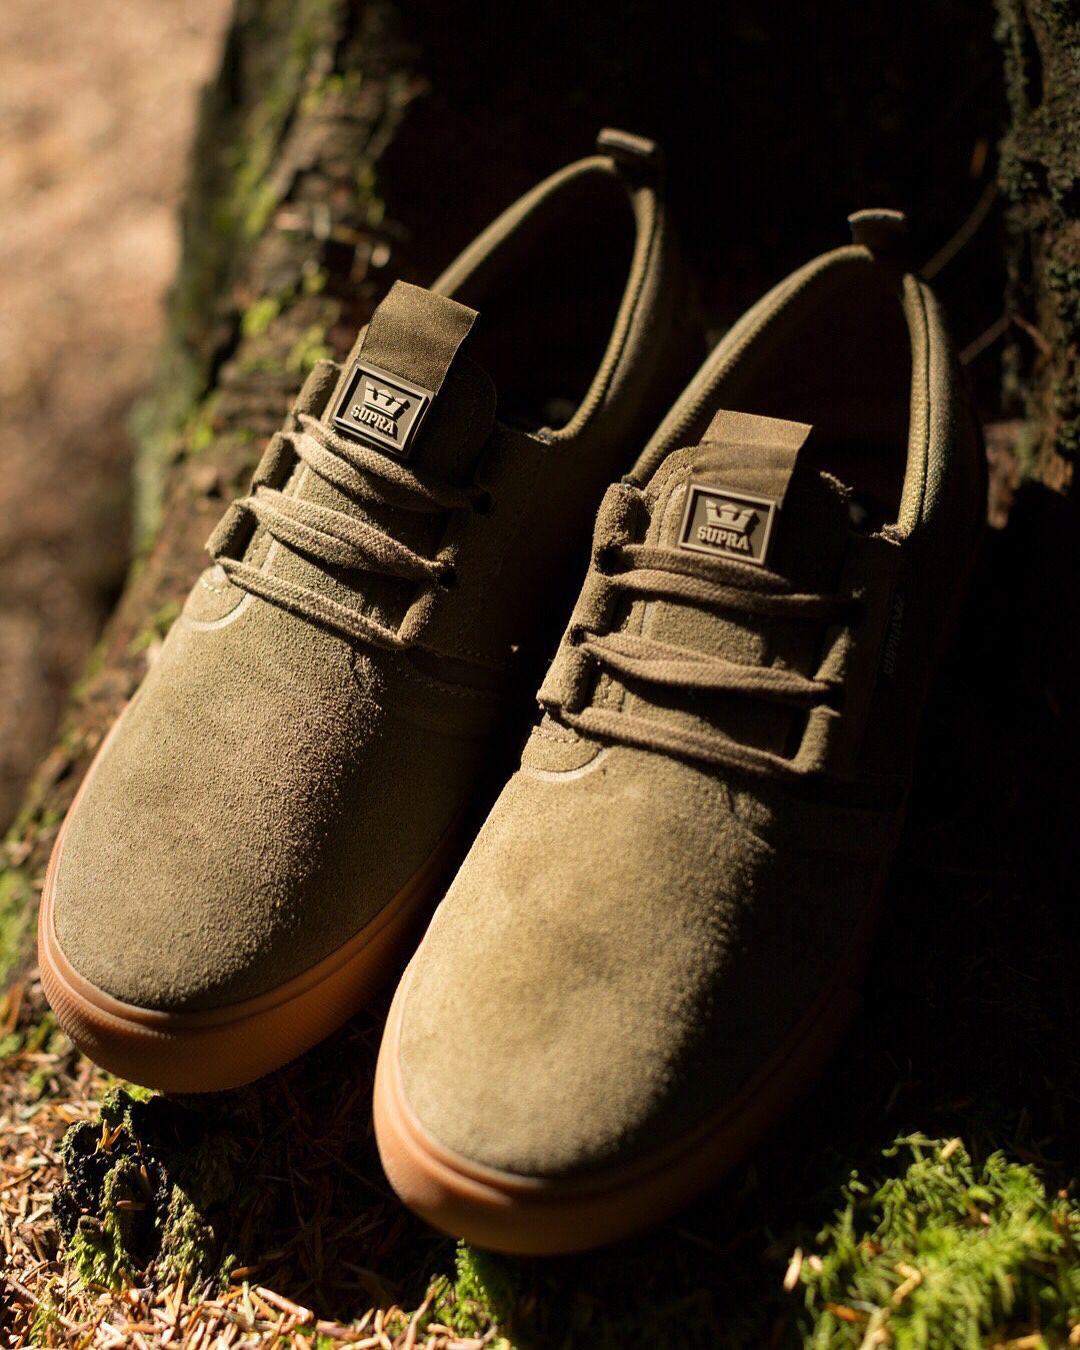 695afea2c4a4 Supra Footwear